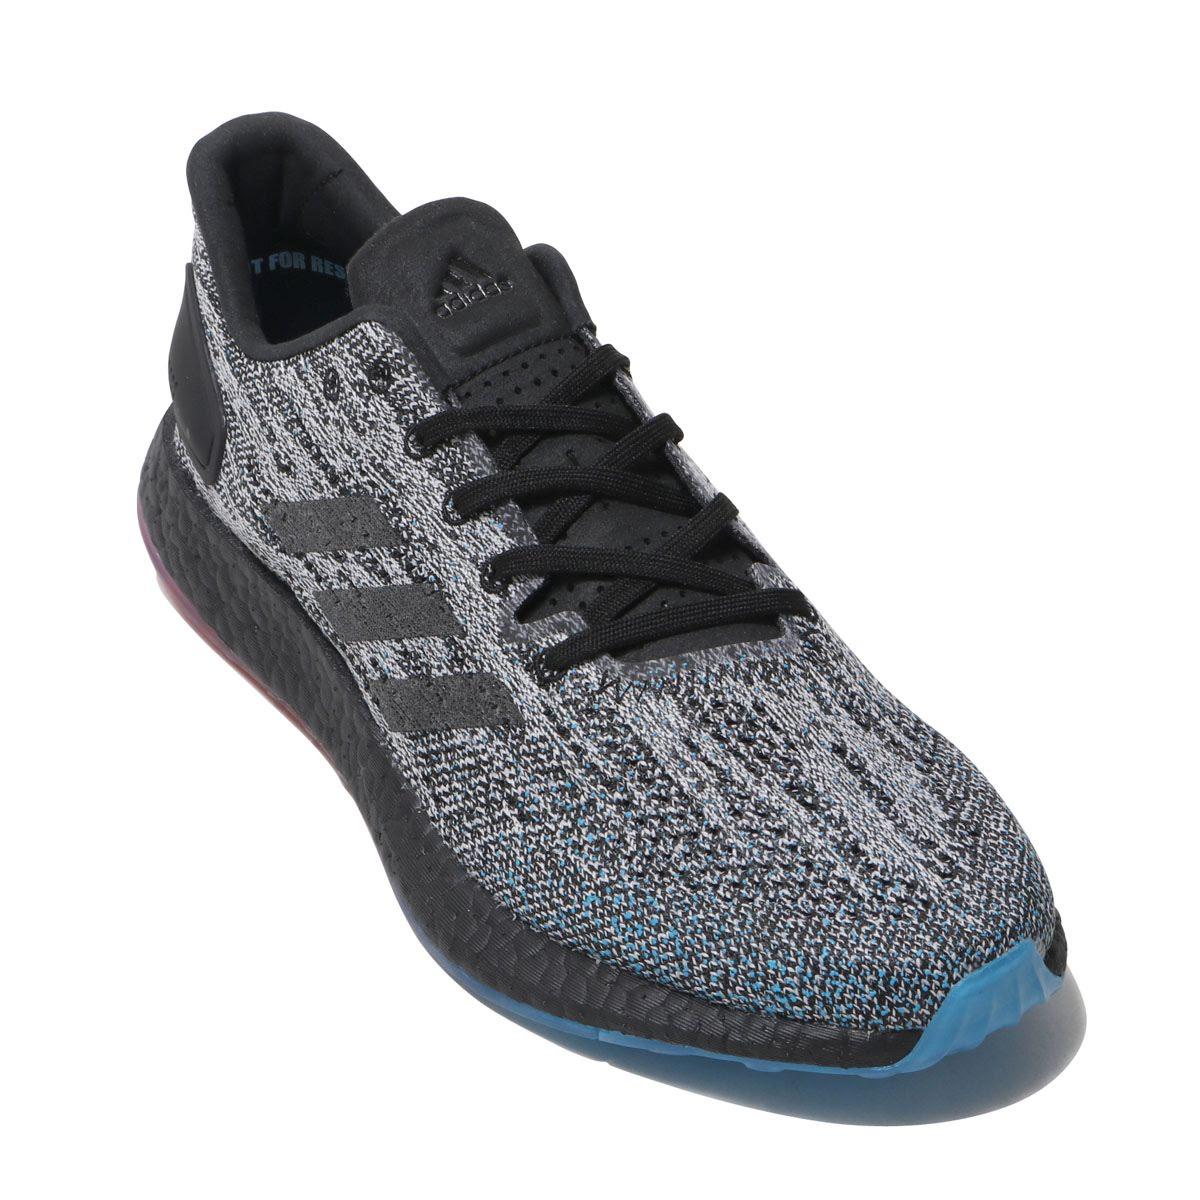 8eb17e57d adidas PureBOOST DPR LTD (CORE BLACK CORE BLACK ACTIVE RED) (Adidas pure  boost T DPR LTD)